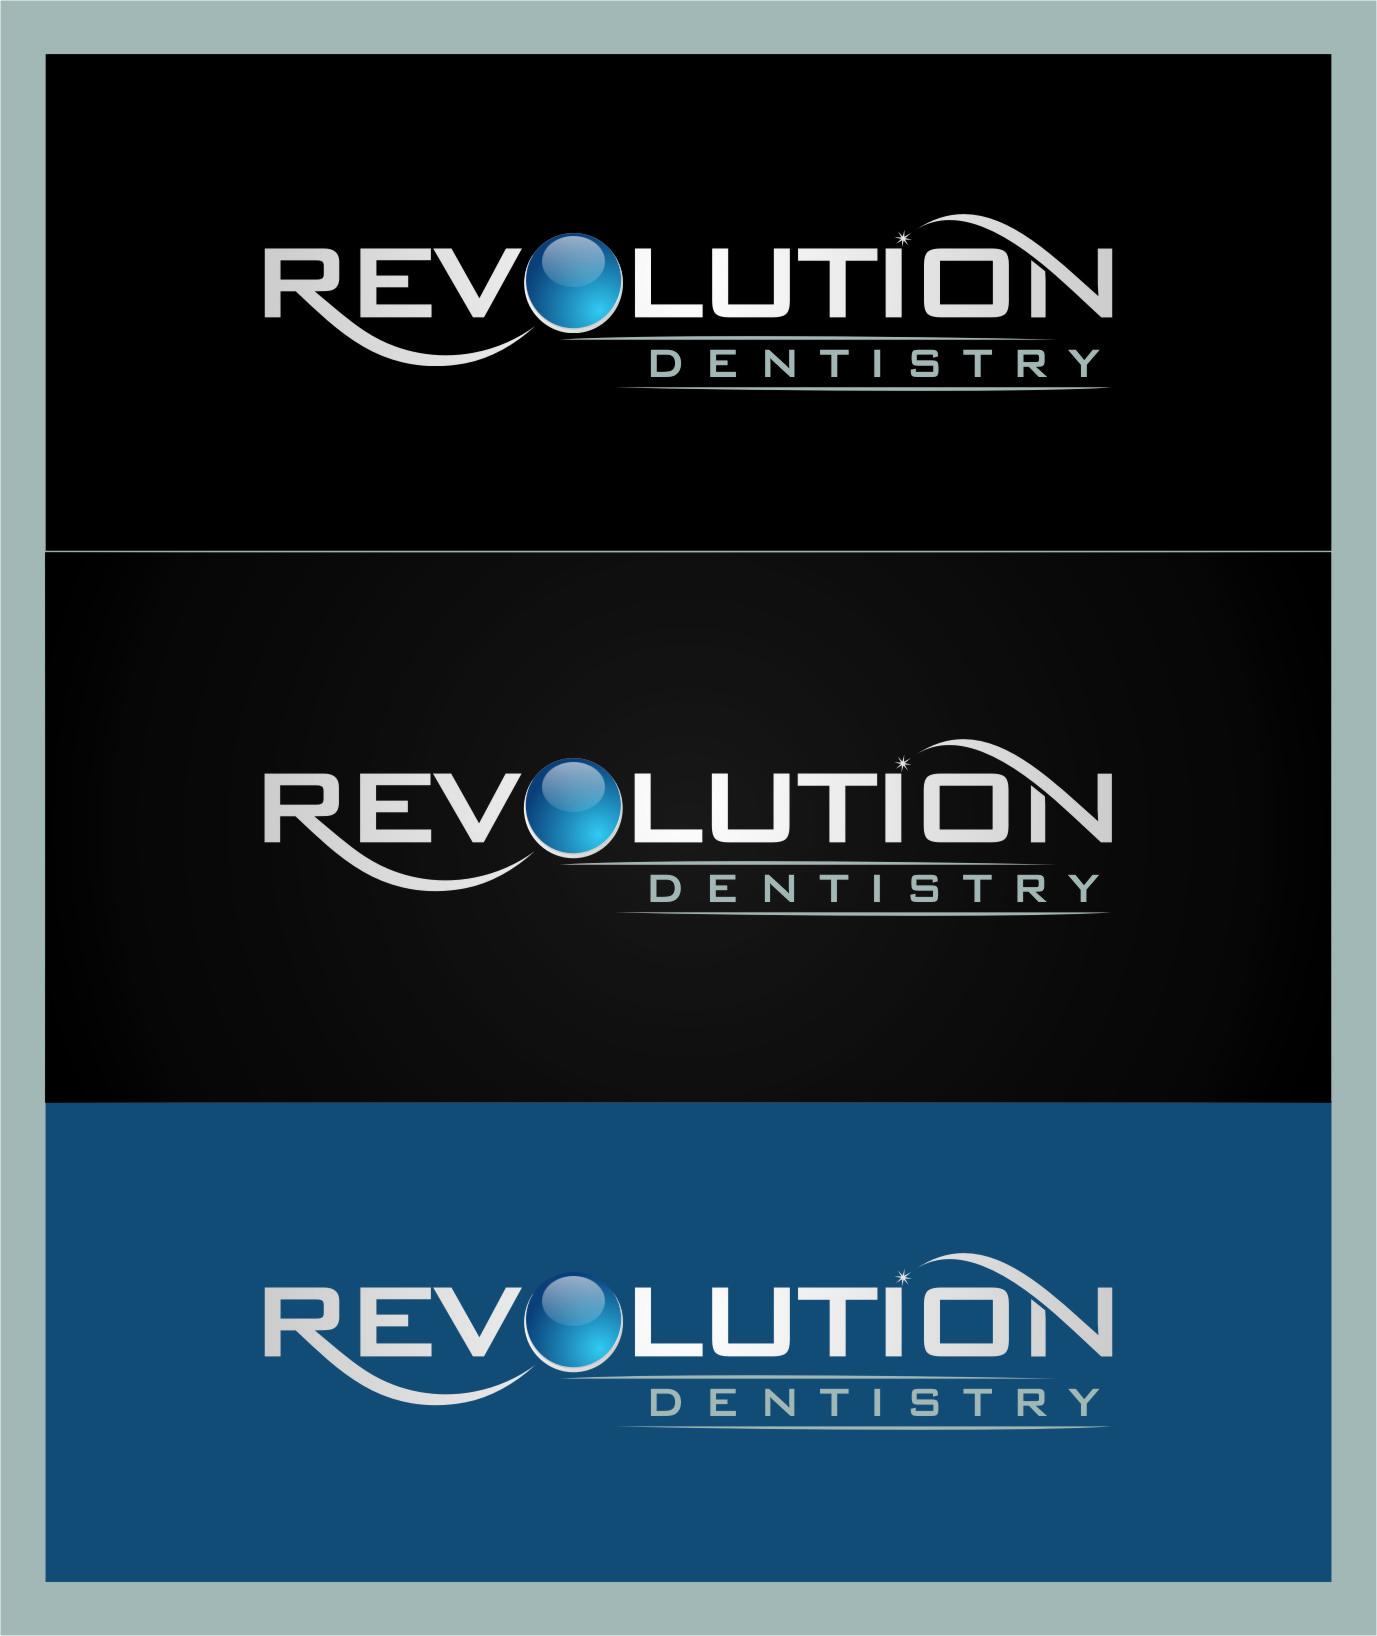 Logo Design by RasYa Muhammad Athaya - Entry No. 129 in the Logo Design Contest Artistic Logo Design for Revolution Dentistry.